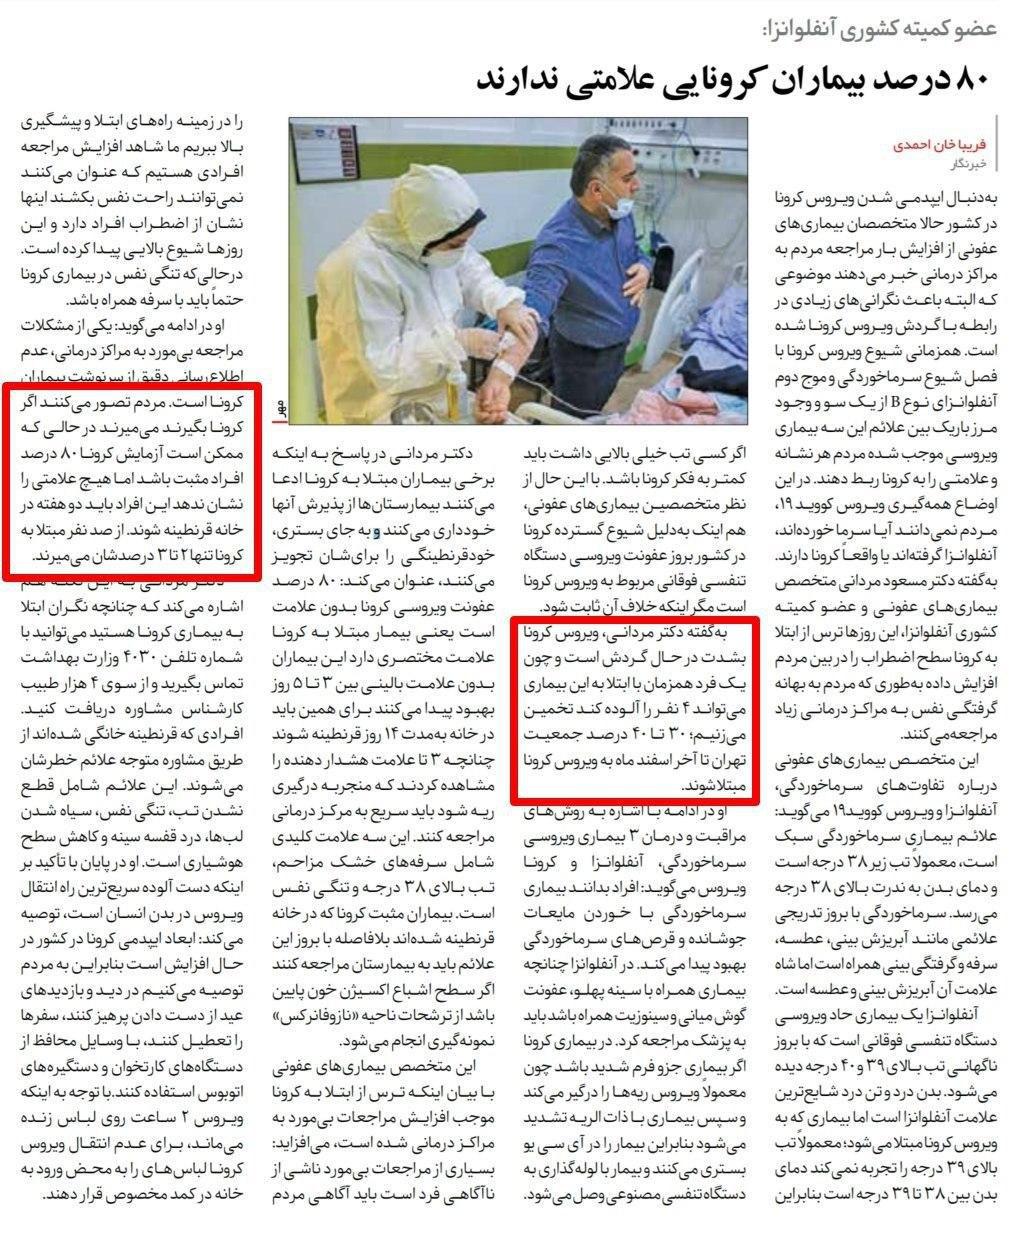 مسعود مردانی عضو کمیته کشوری آ … 789106001583419804